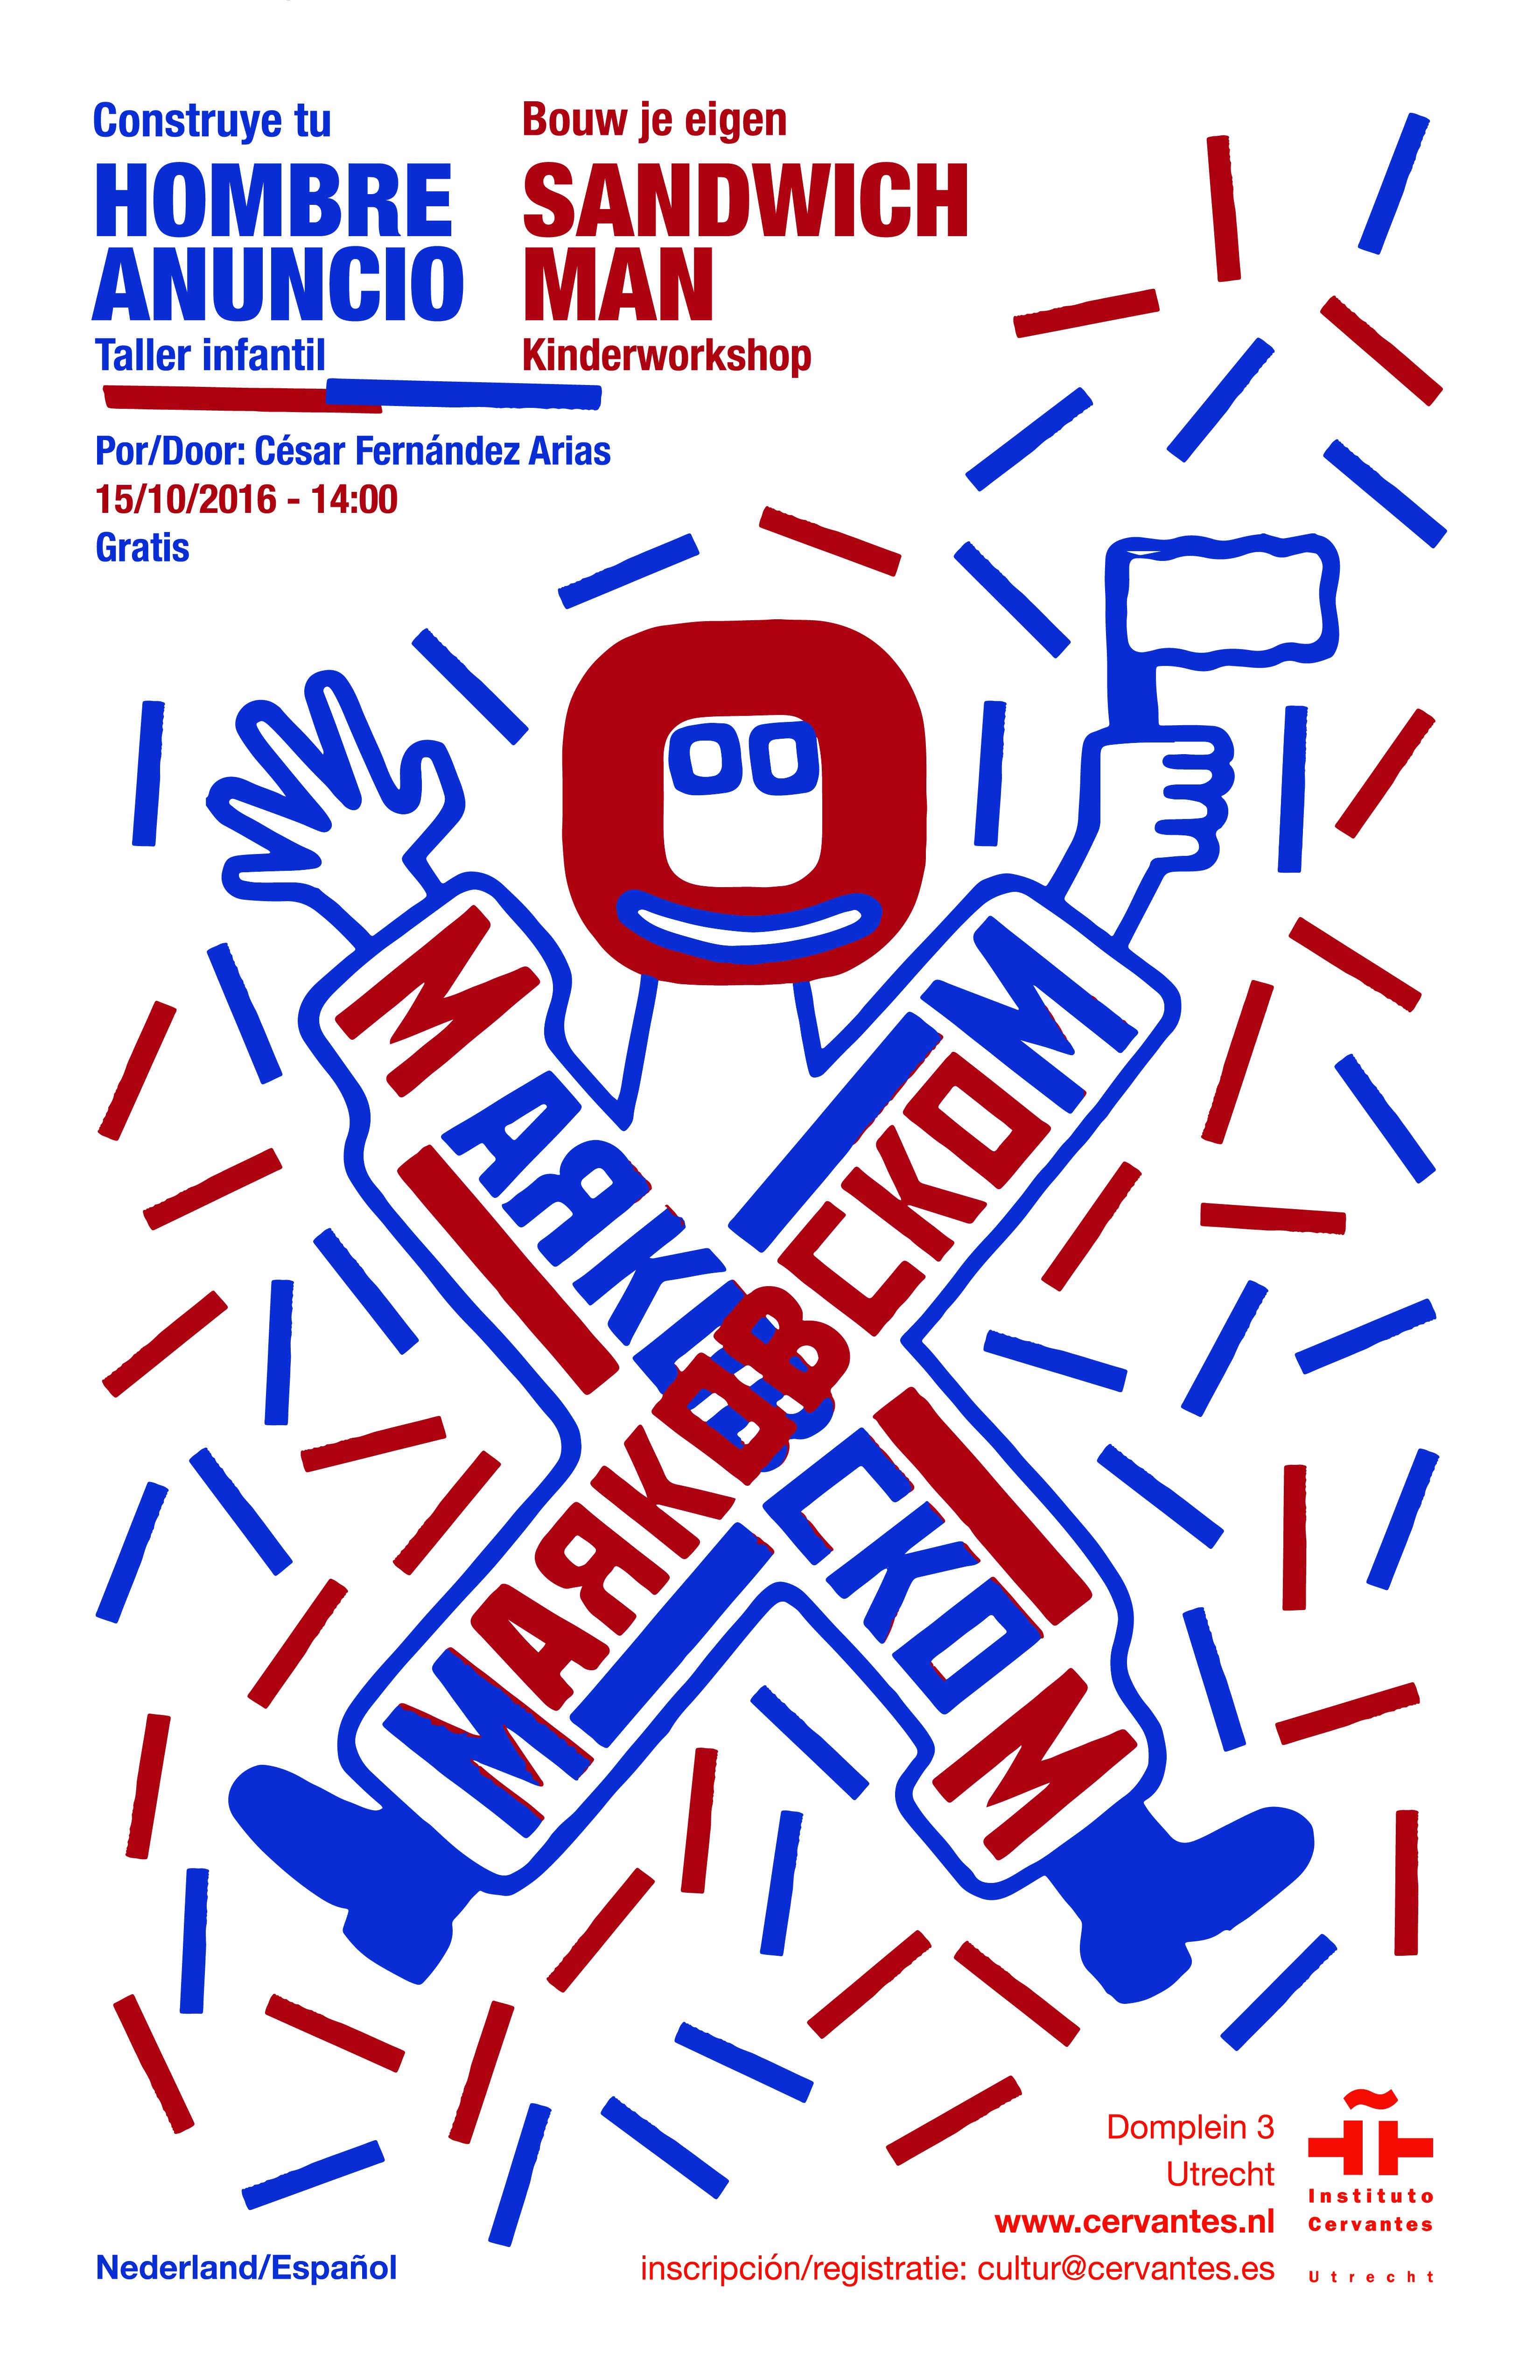 cartel_taller_hombre_anuncio